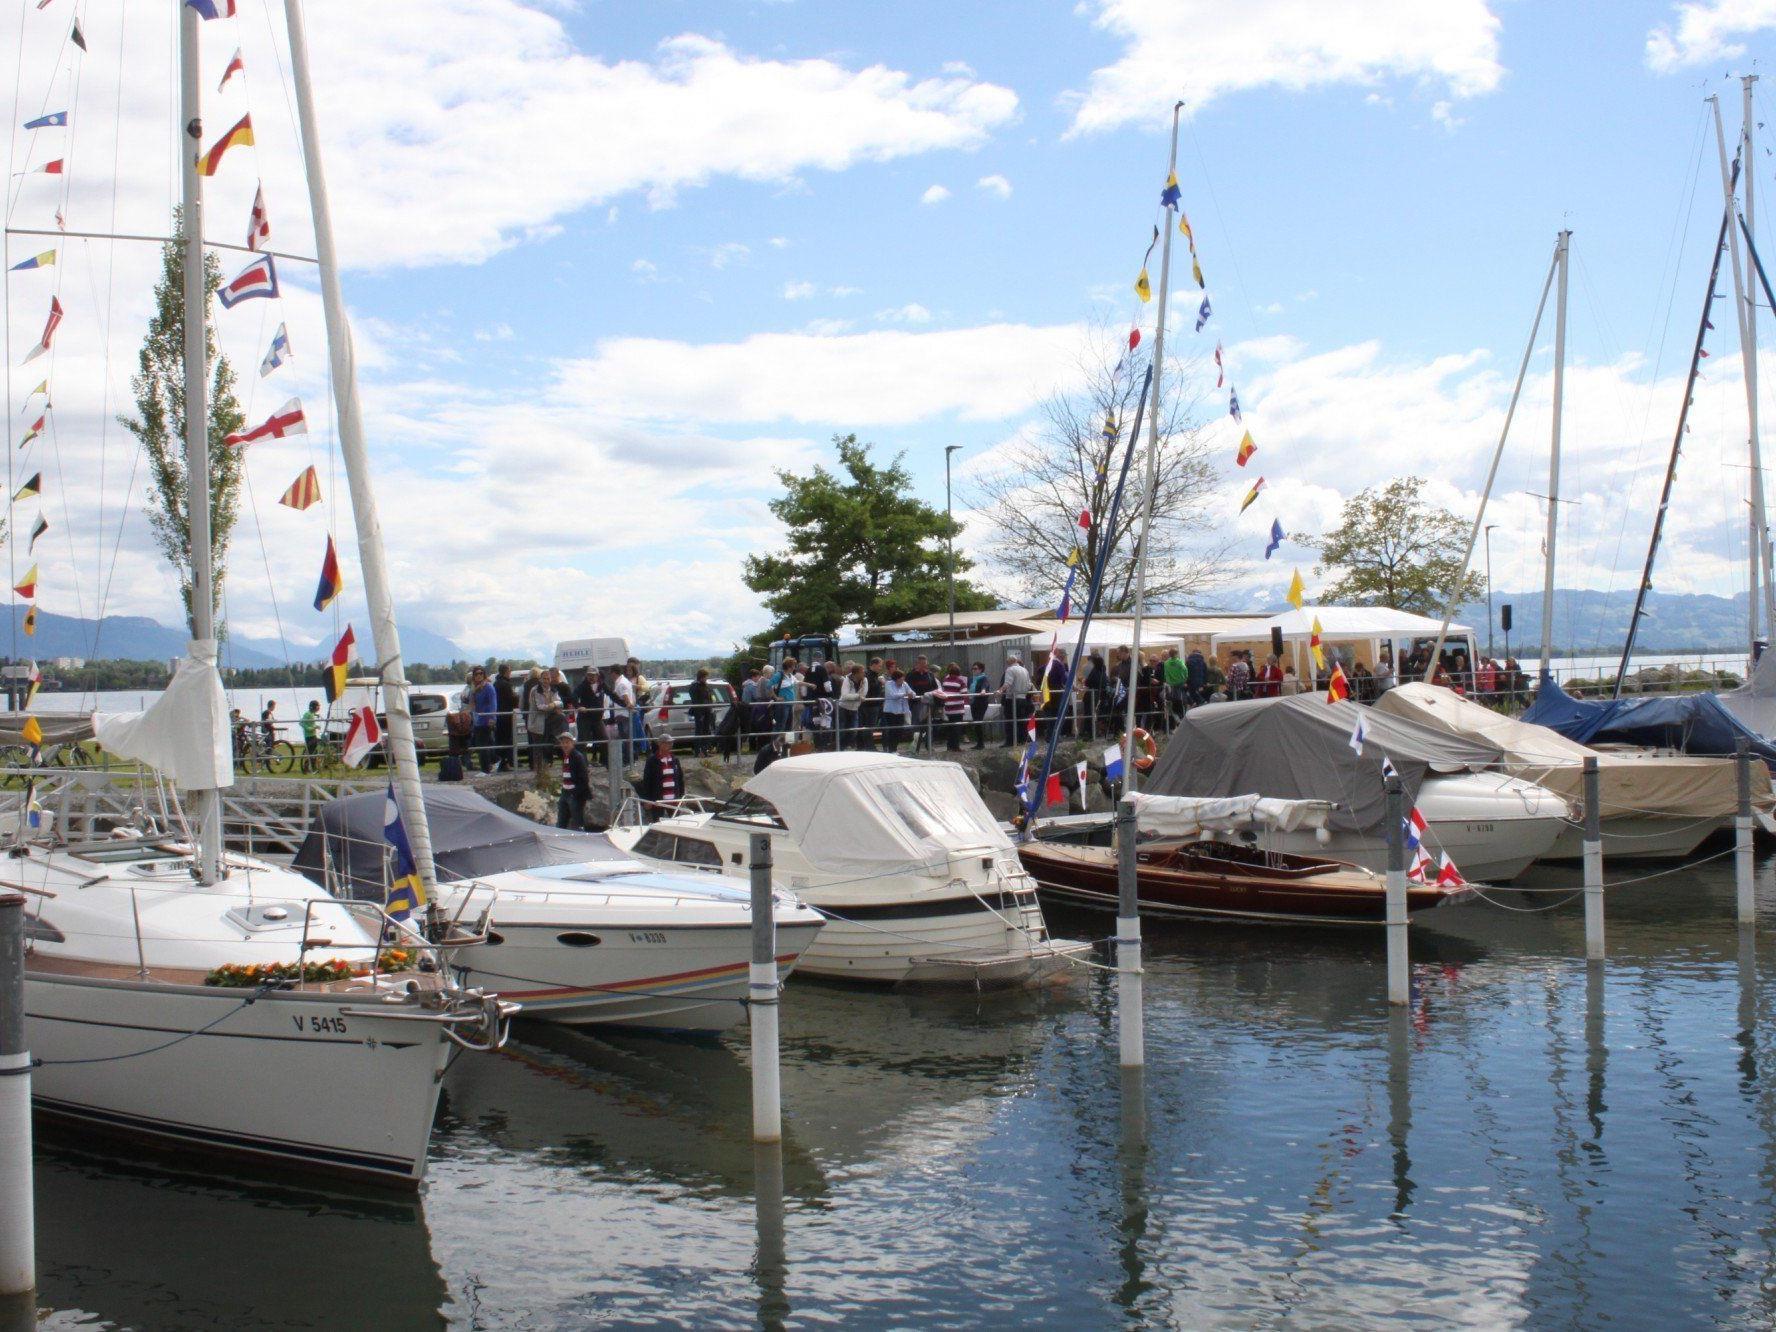 Die Bootstaufe des LYC am Pfingstsonntag im Hafen hat schon langjährige Tradition.